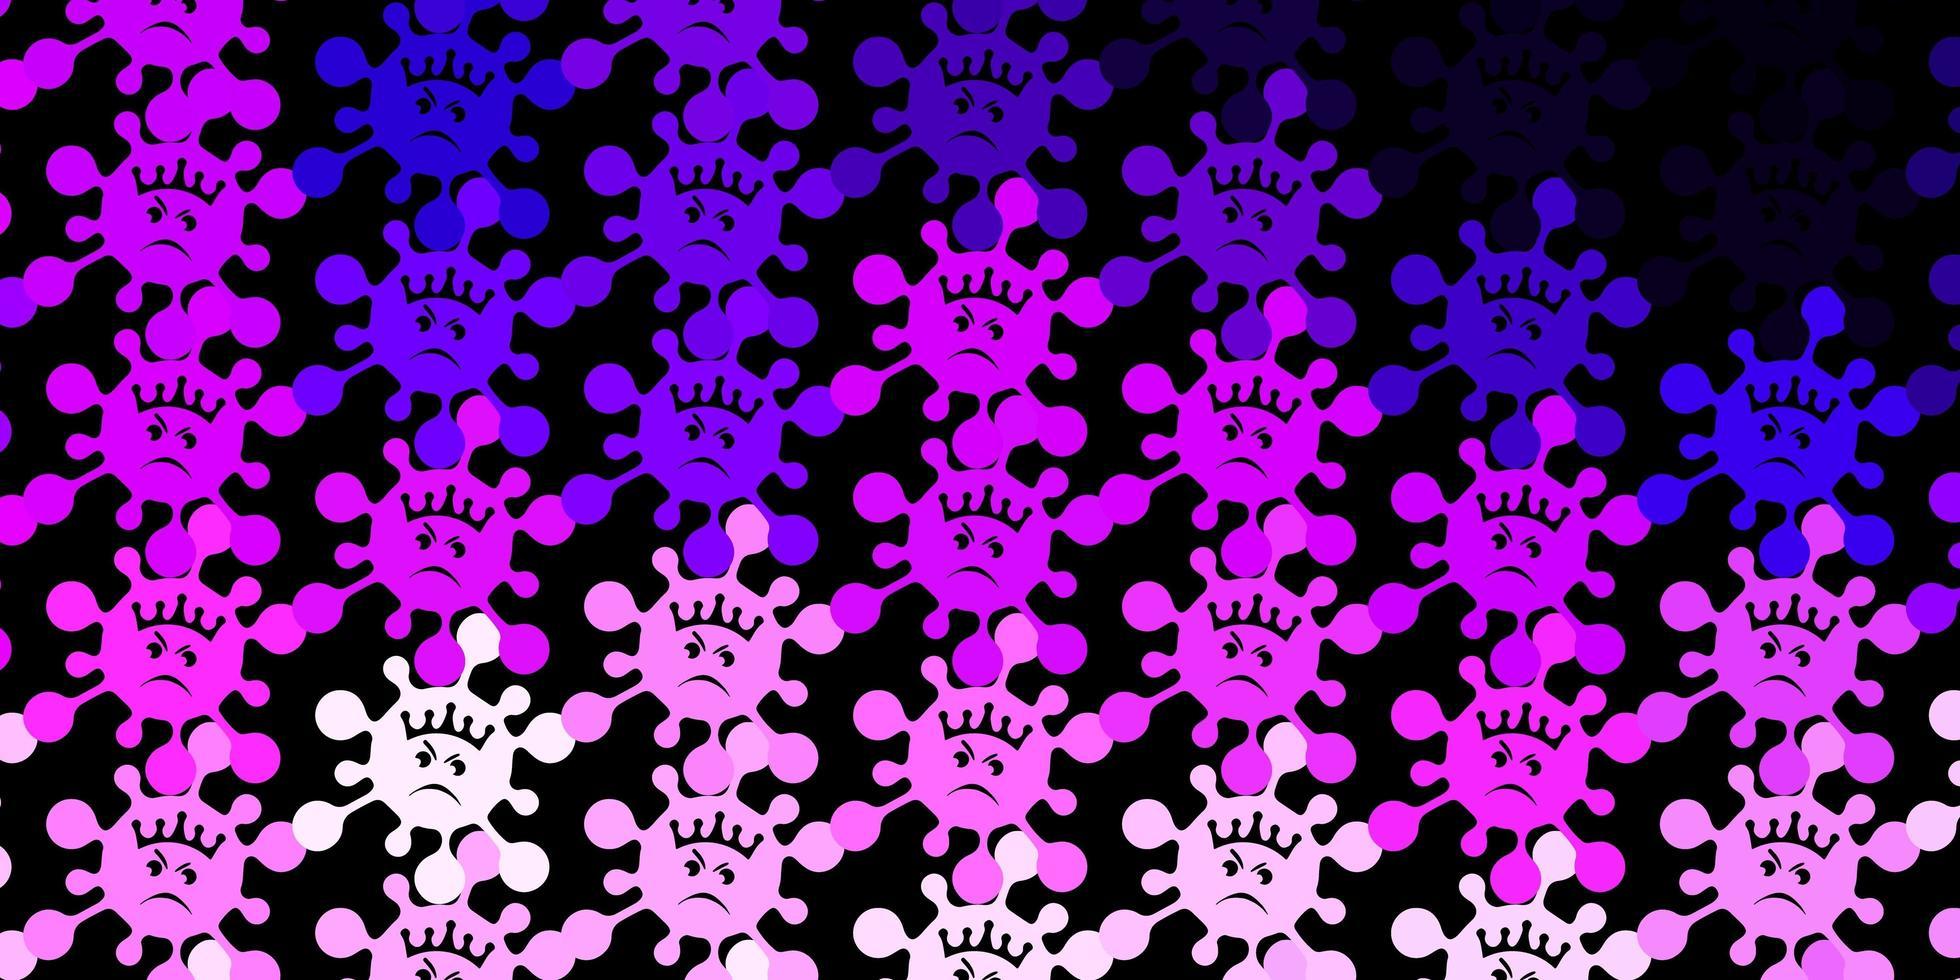 mörk lila, rosa vektor bakgrund med covid-19 symboler.